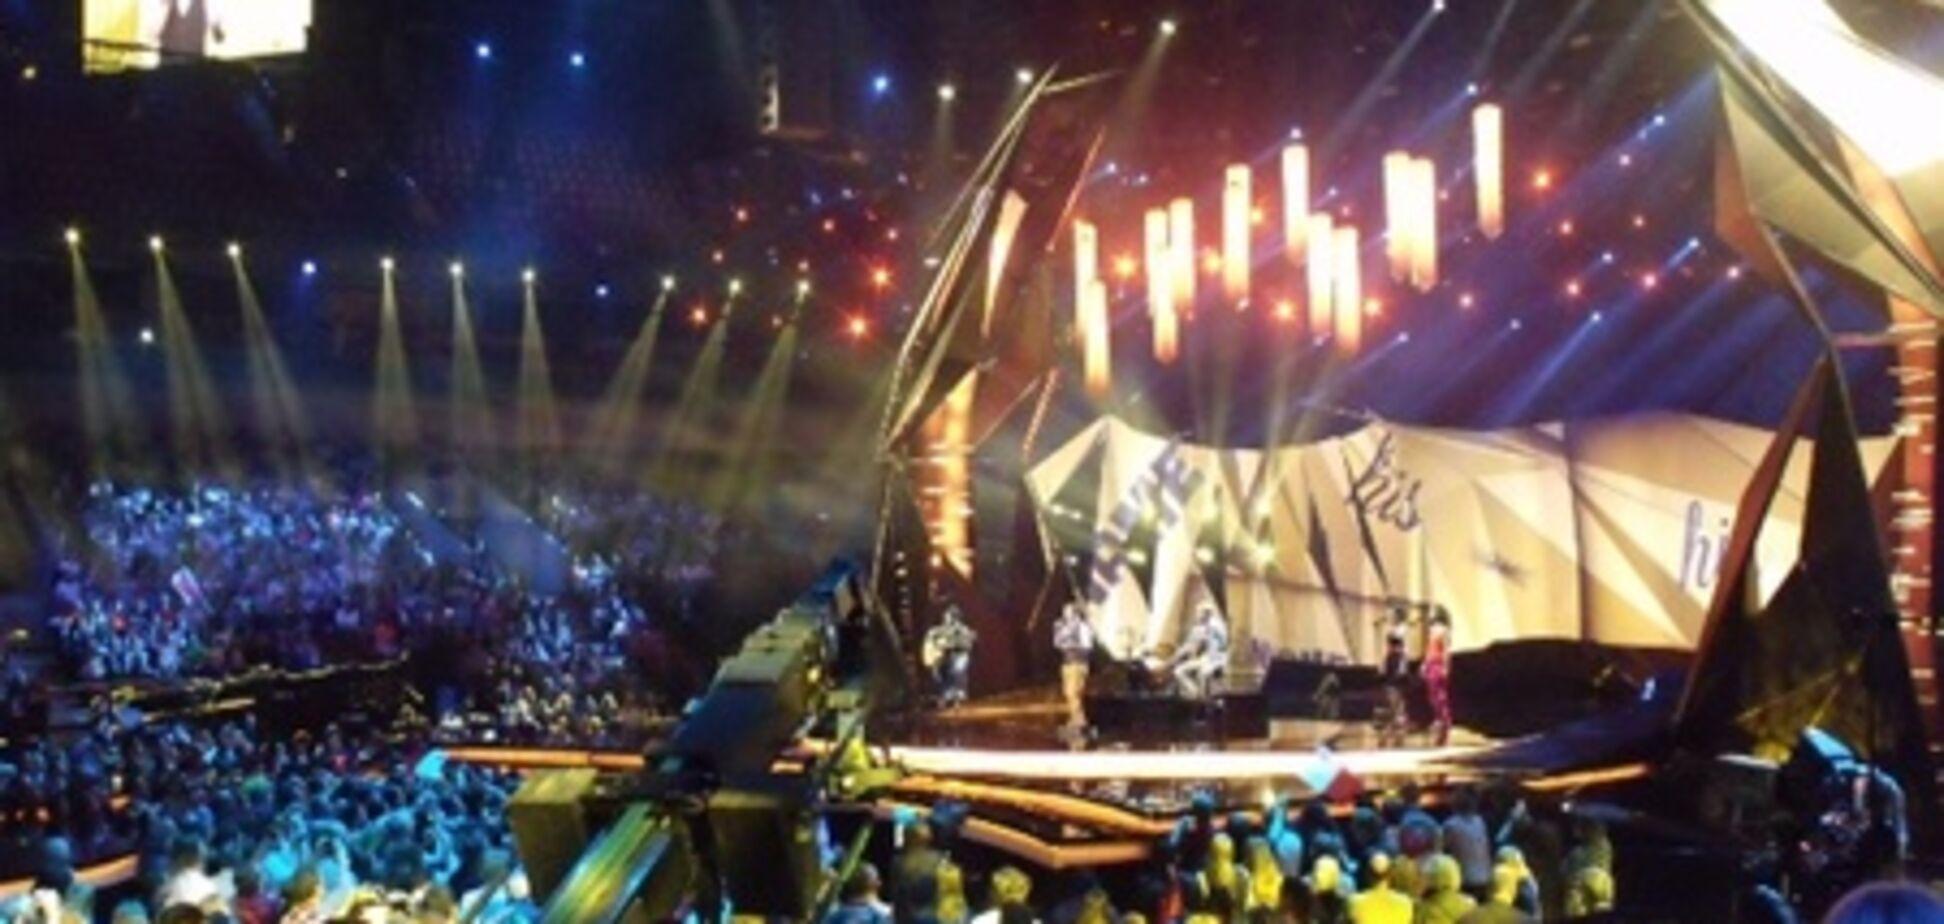 Блог Евровидения. То, чего вы никогда не увидите по ТВ. Закулисье